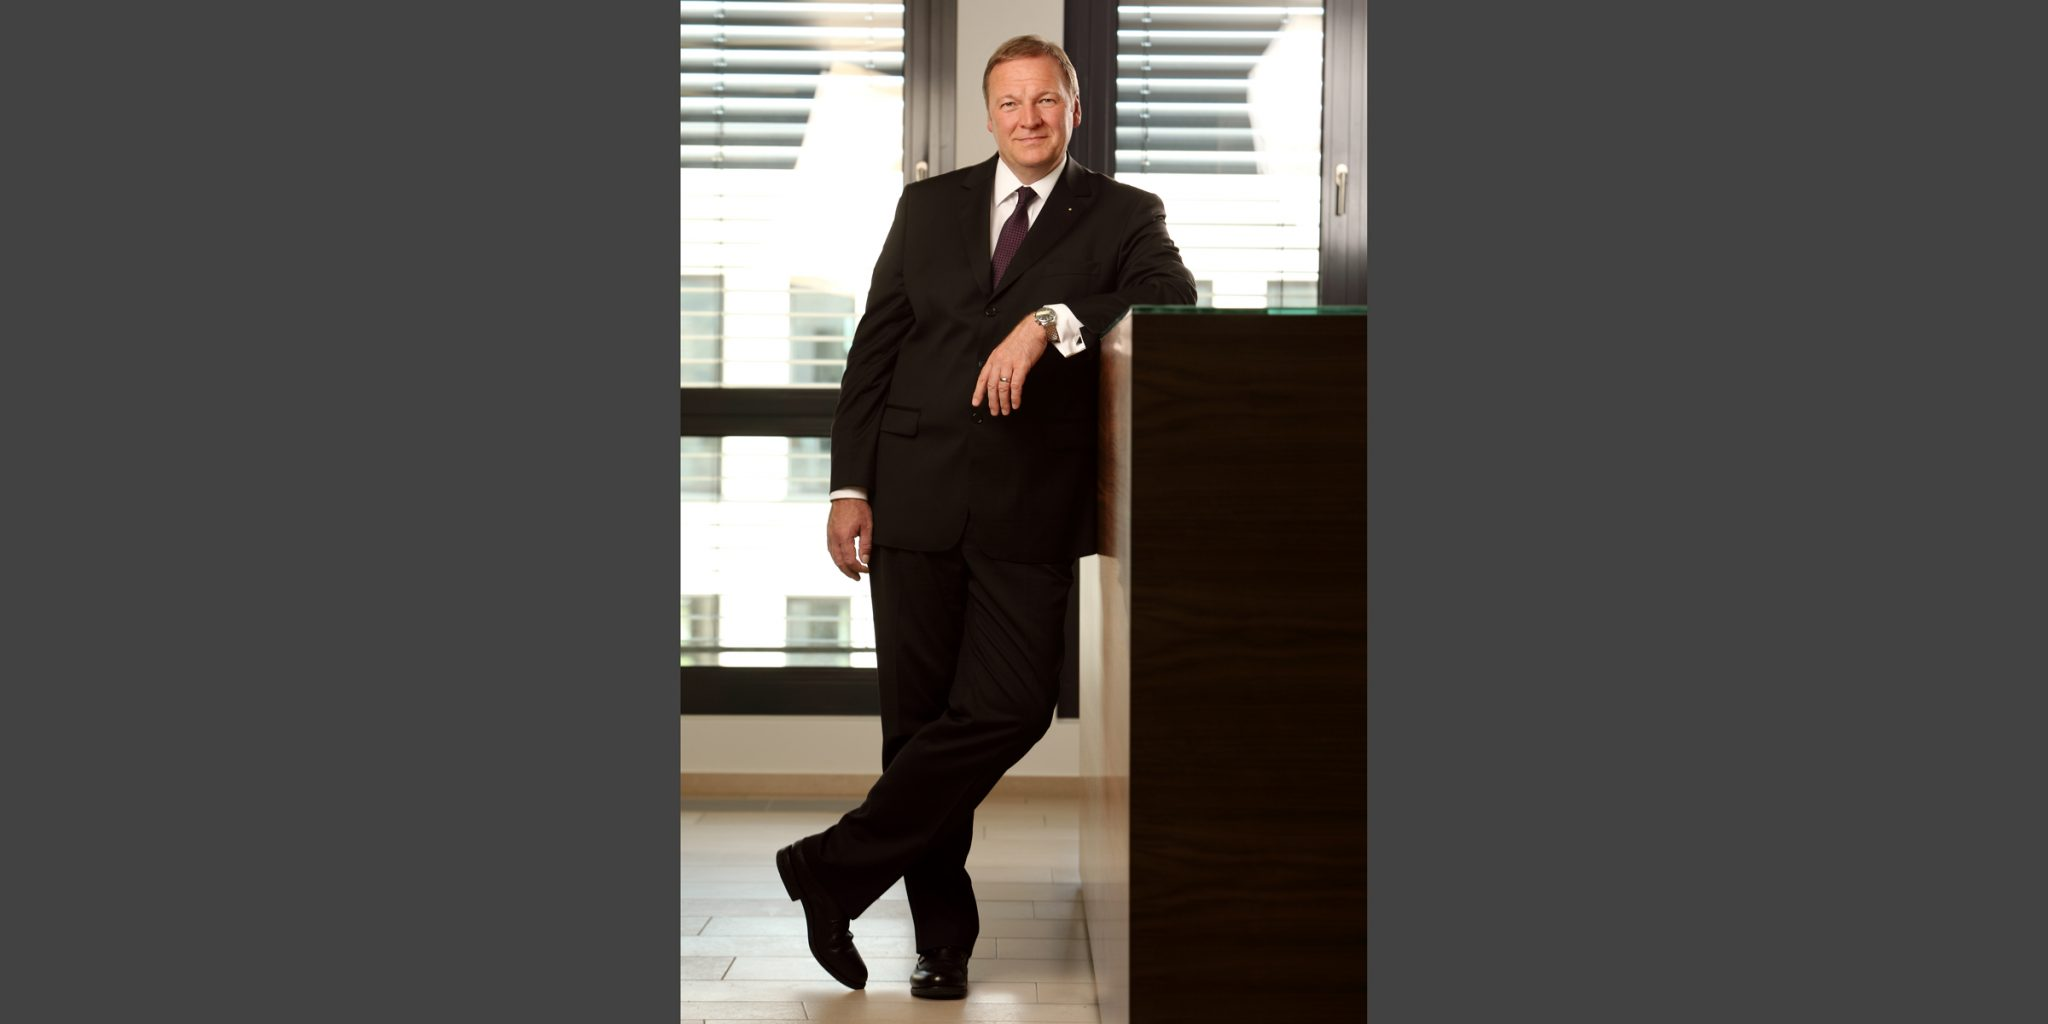 Ganzkörperporträt in Farbe eines Mannes, der in eleganten, dunklen Business-Anzug von der Nord /LB Luxemburg, lässig und mit gekreuzten Beinen an einem Stehpult vor einer Fensterfront posiert.